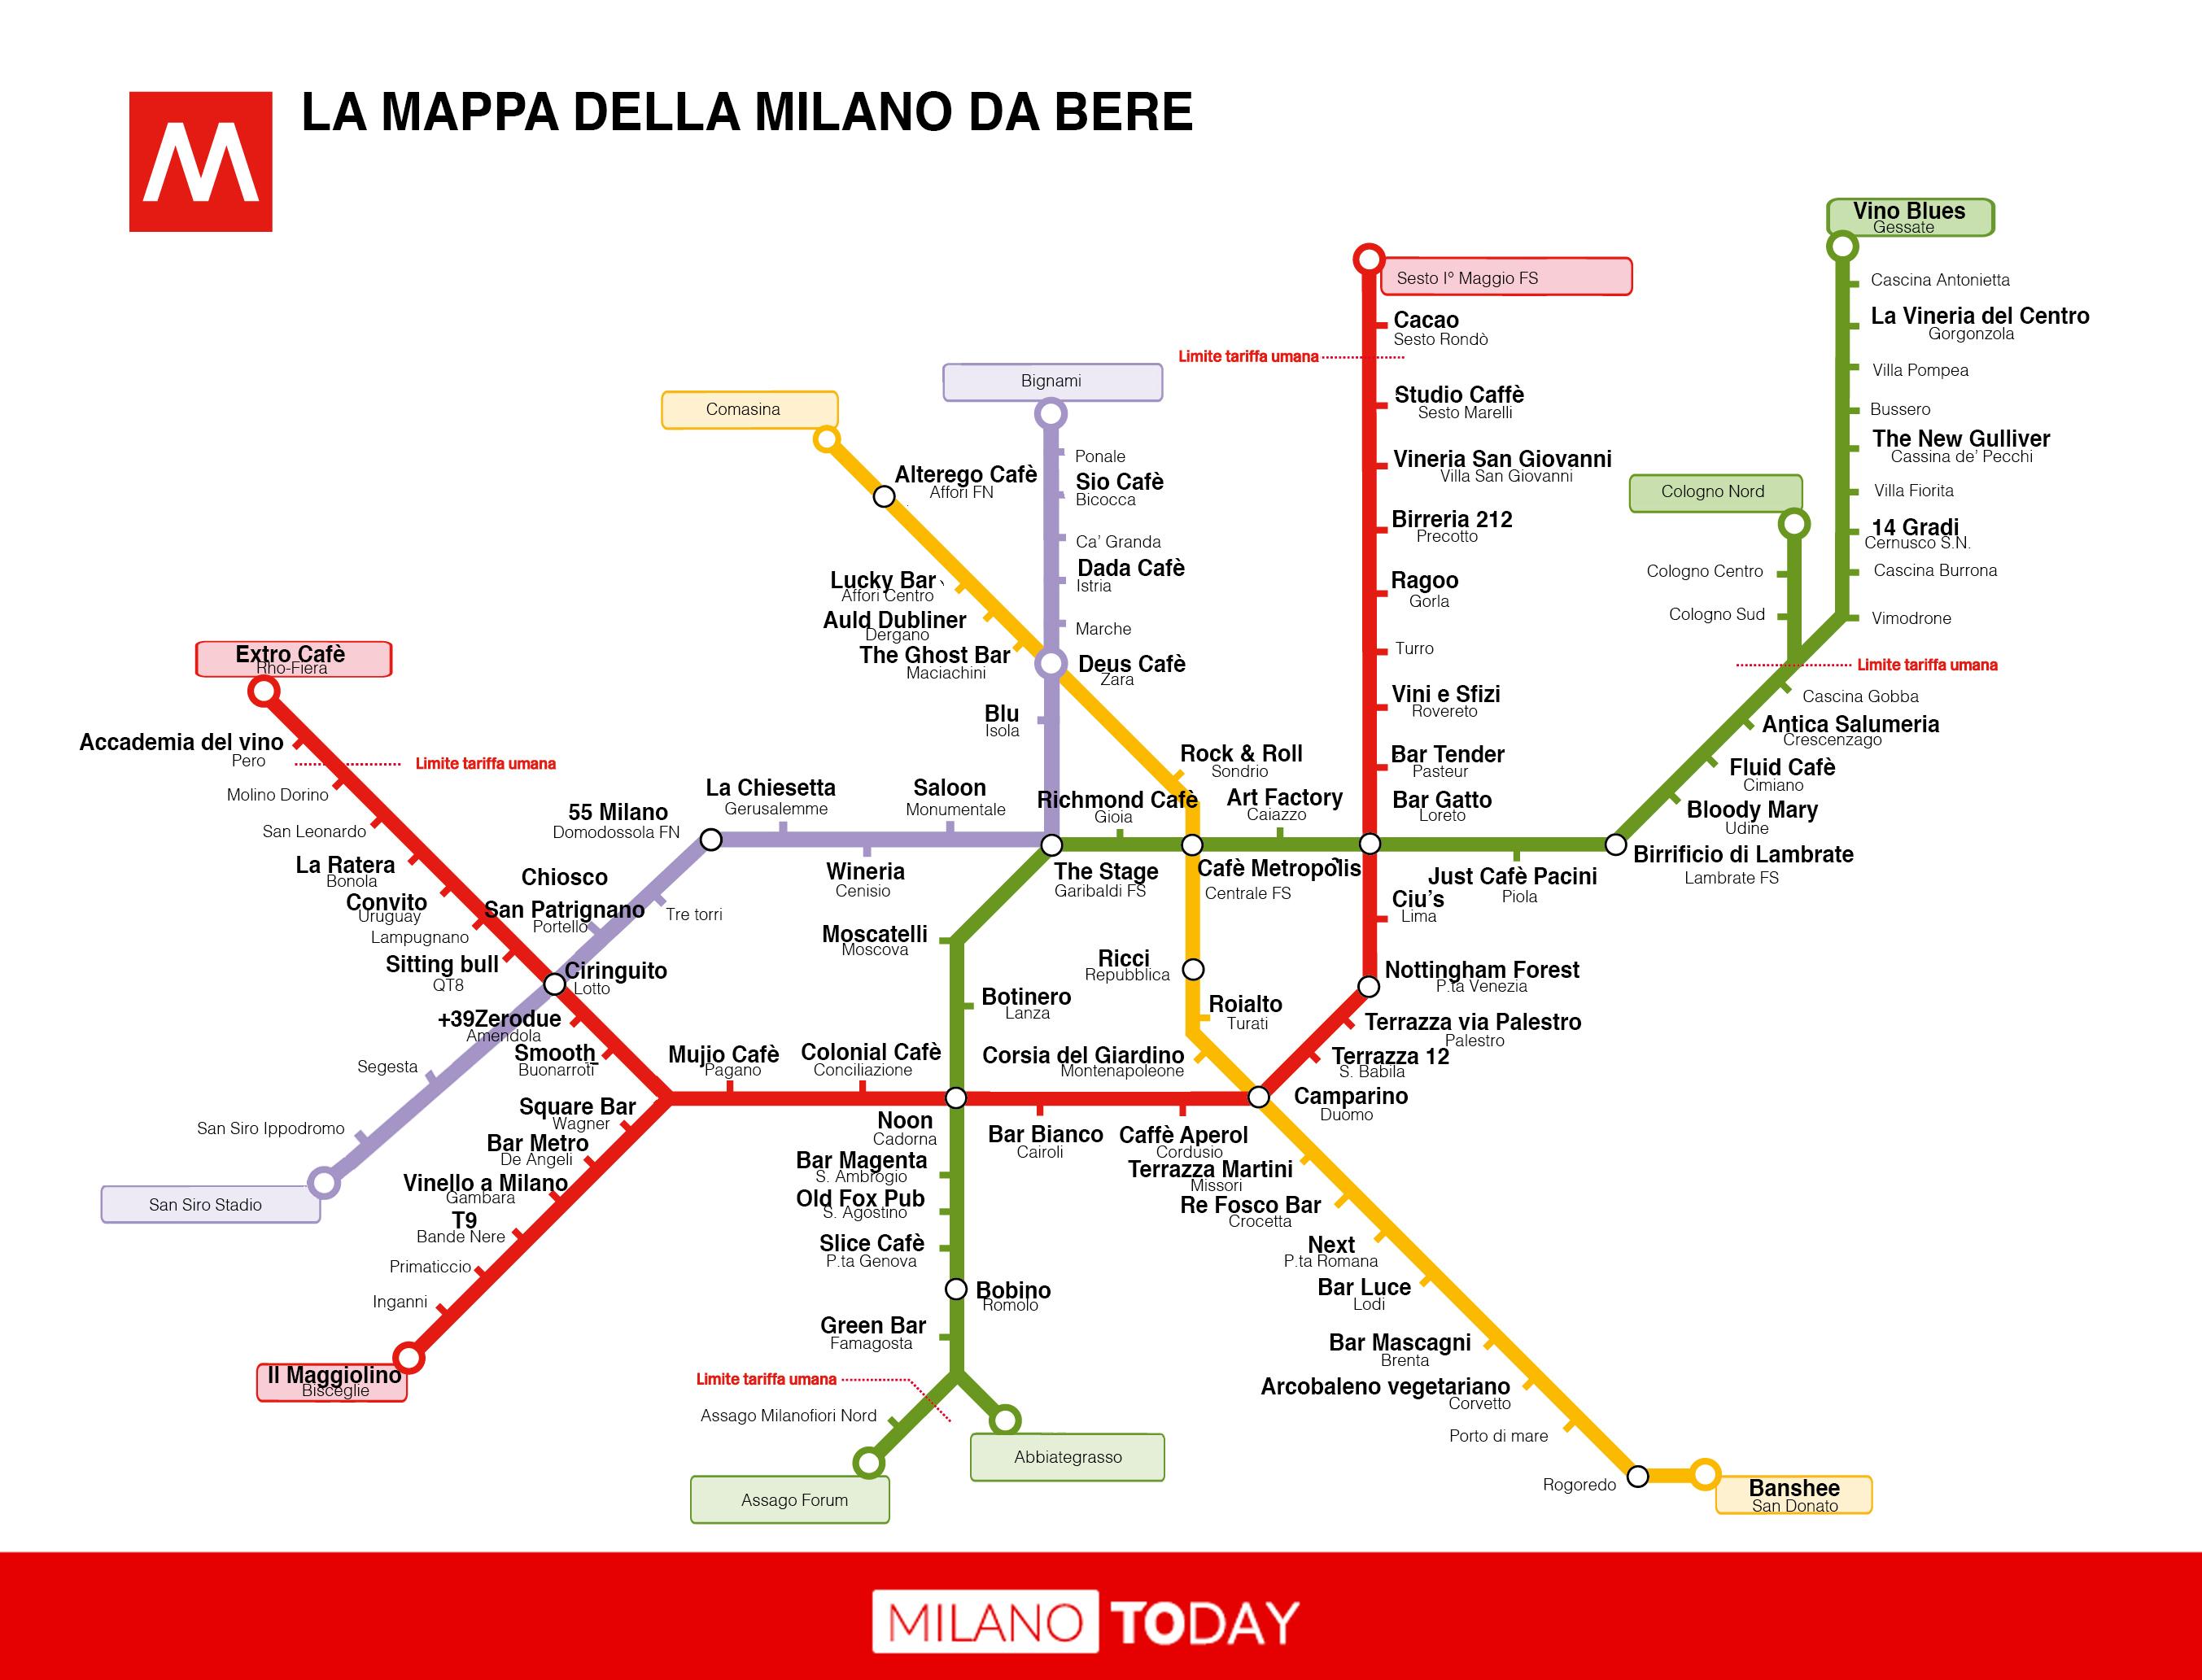 Cartina Metro Rossa Milano.Stazioni Metro A Milano Con I Nomi Dei Locali Pub E Bar